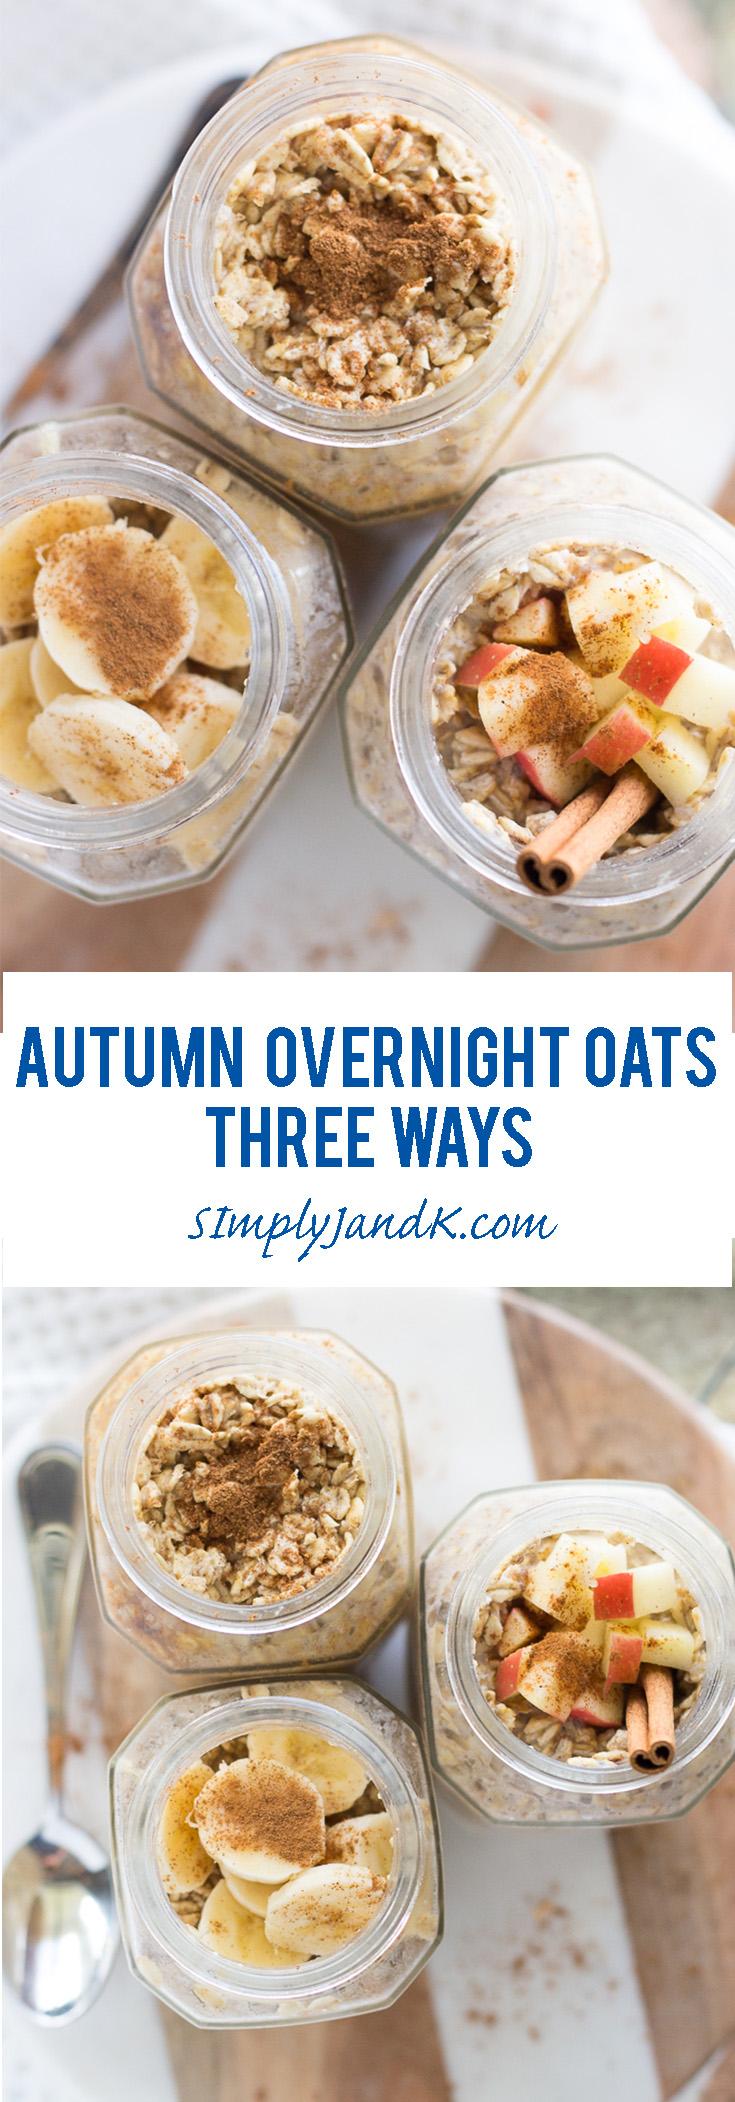 Autumn Inspired Overnight Oats 3 Ways